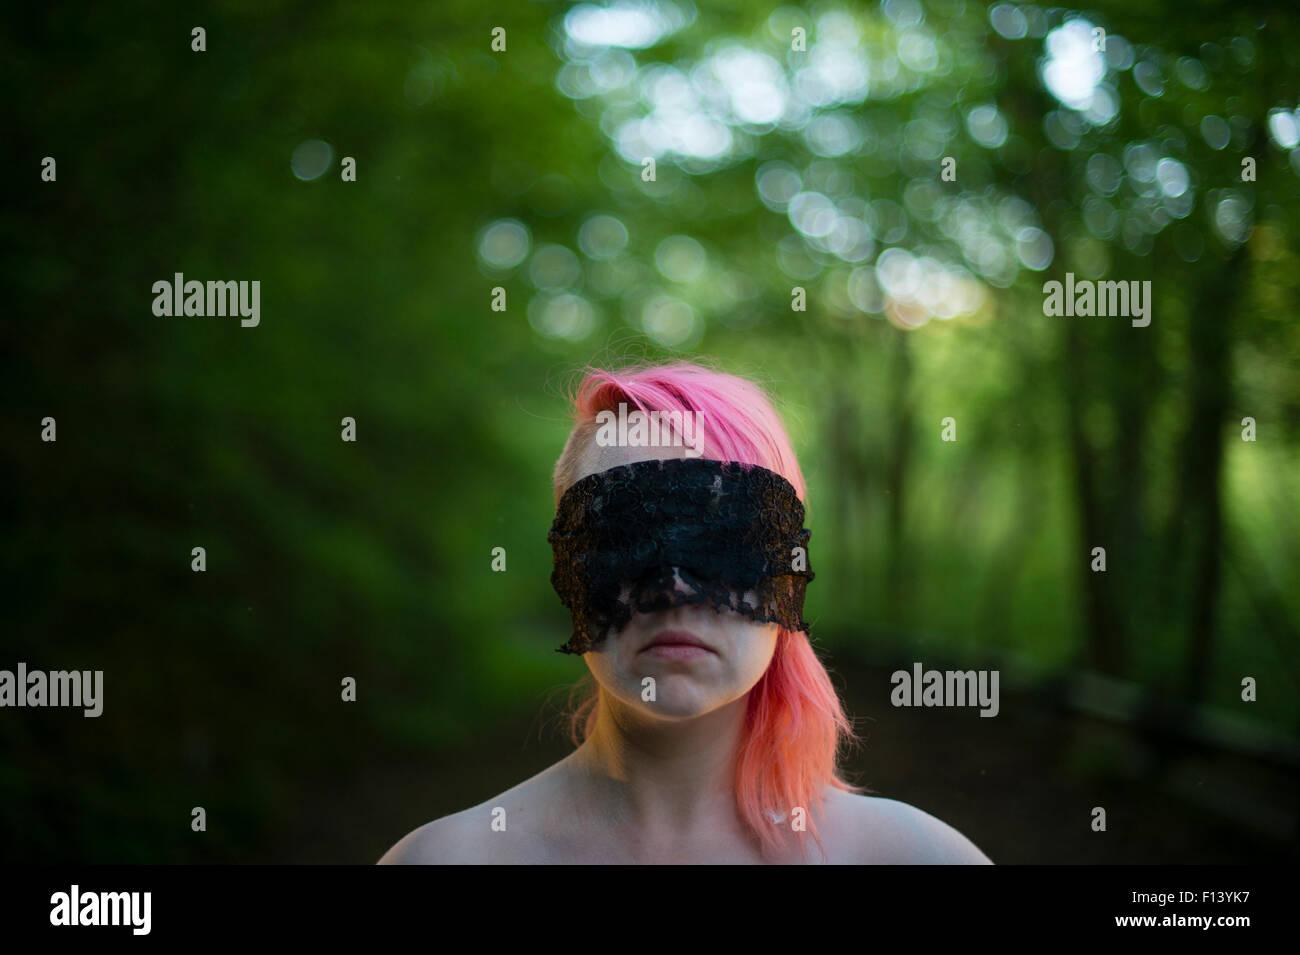 Der Stoff, aus dem Alpträume: eine Frau mit gefärbten roten Haaren mit verbundenen Augen allein im Freien Stockbild